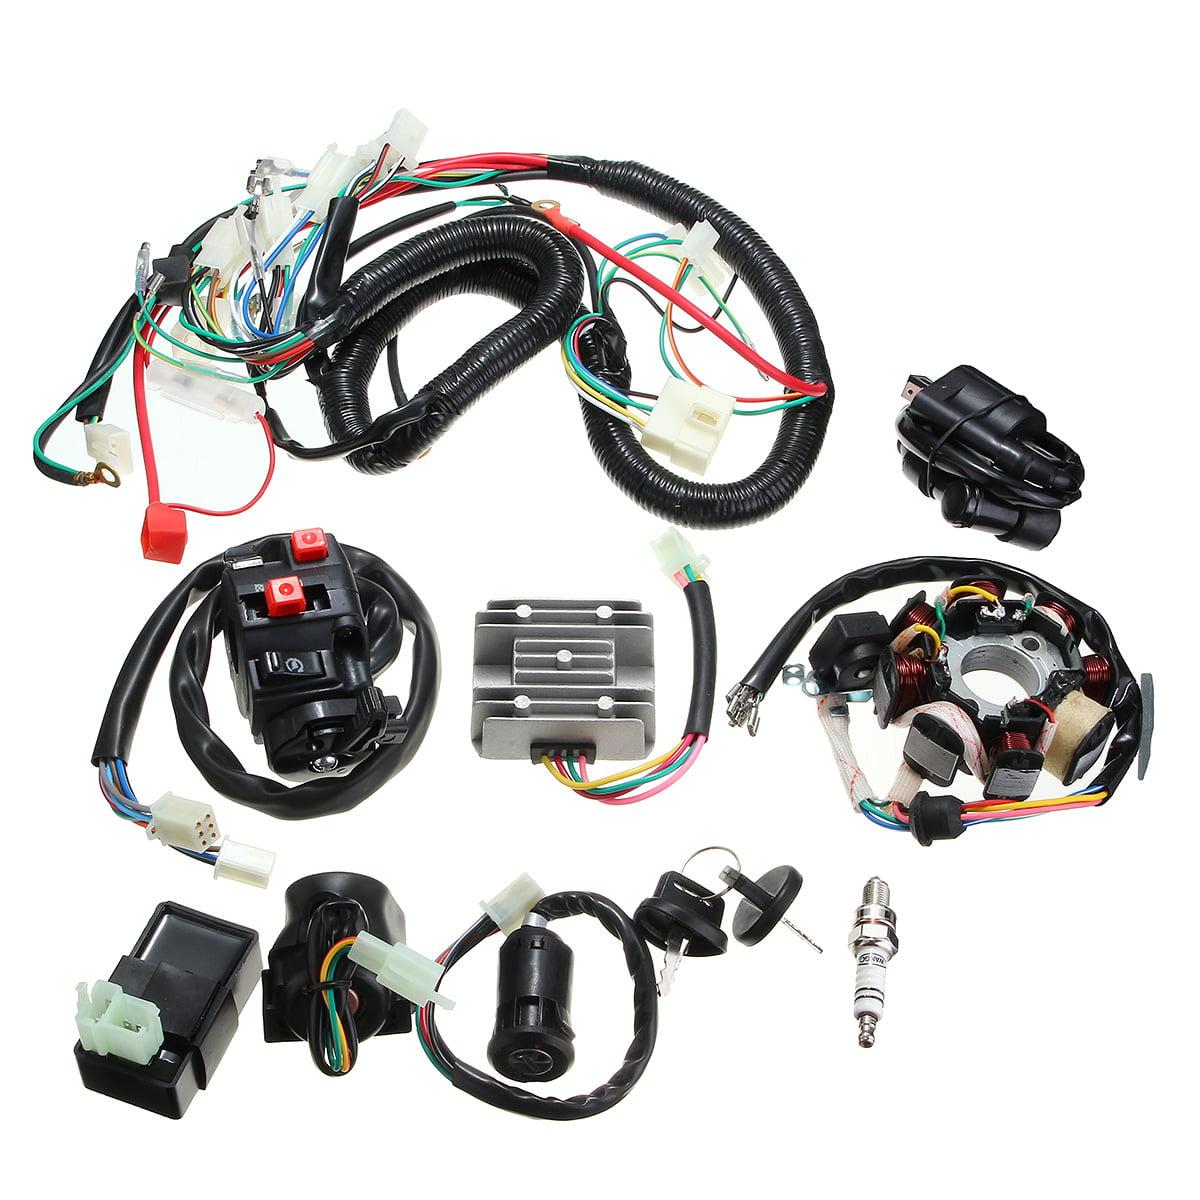 Electrics Wiring Harness Wire Loom ATV QUAD 125 150 200 250cc Stator CDI  Coil - Walmart.com - Walmart.comWalmart